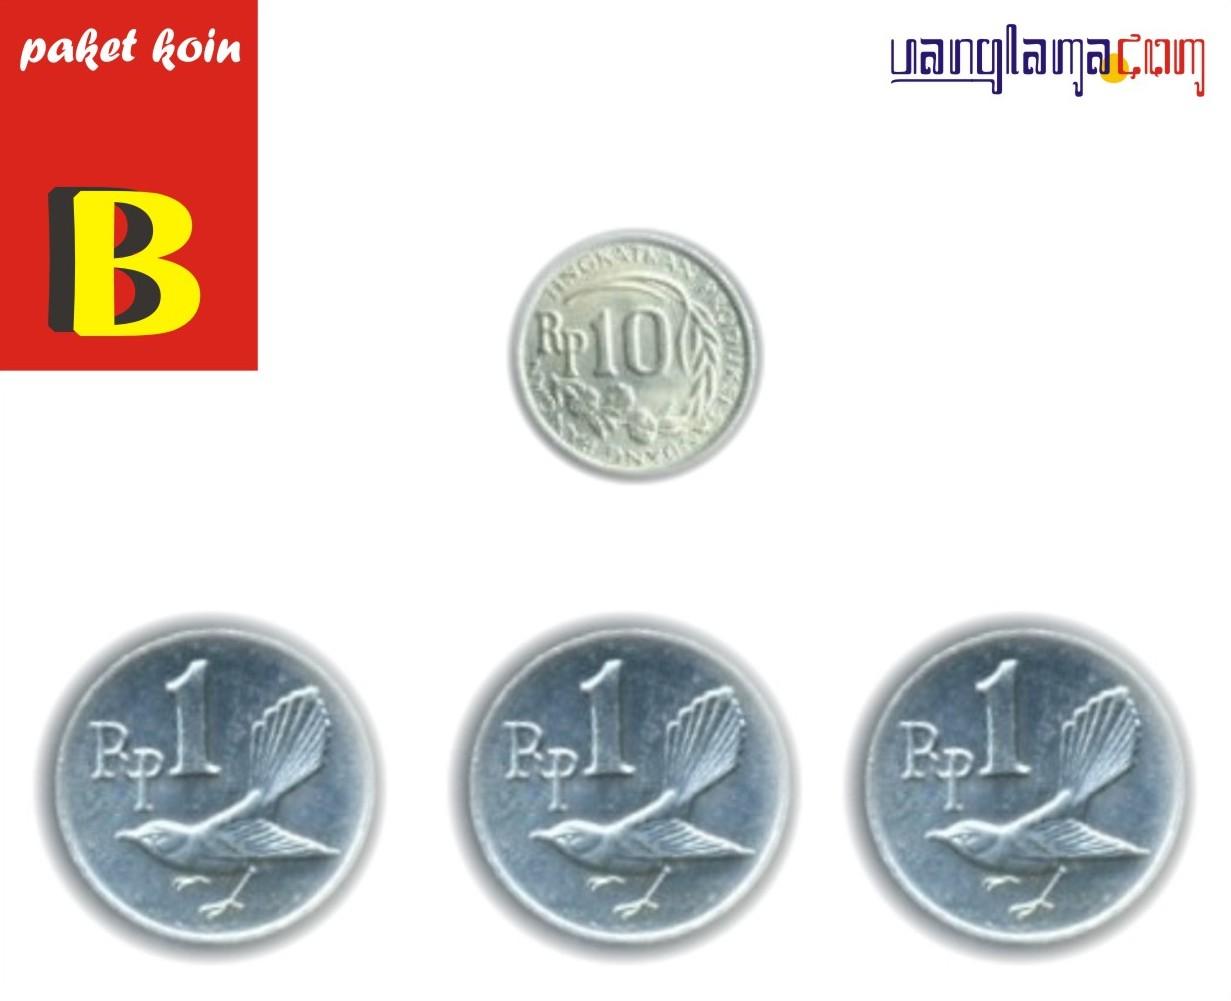 Paket Koin 13 Rupiah B